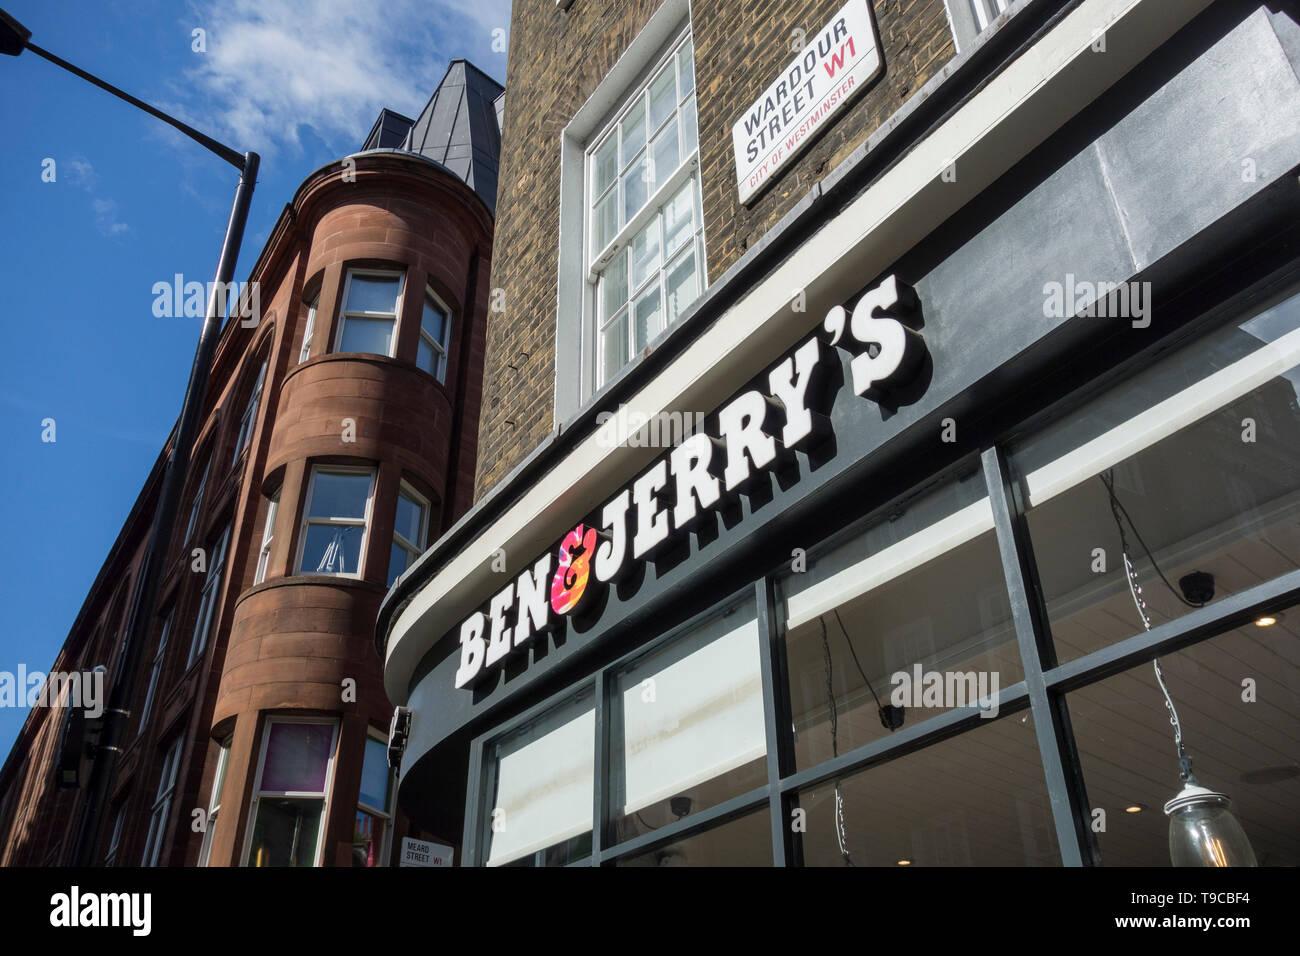 Ben & Jerry's Ice Cream Parlour signage on Wardour Street, Soho, London, UK - Stock Image